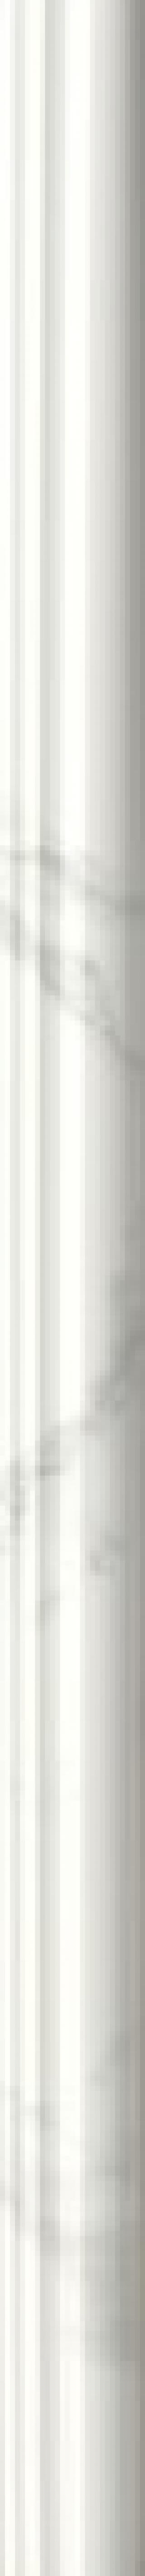 Bombáto Kale Calacatta white 5x90 cm lesk 3352 bílá white